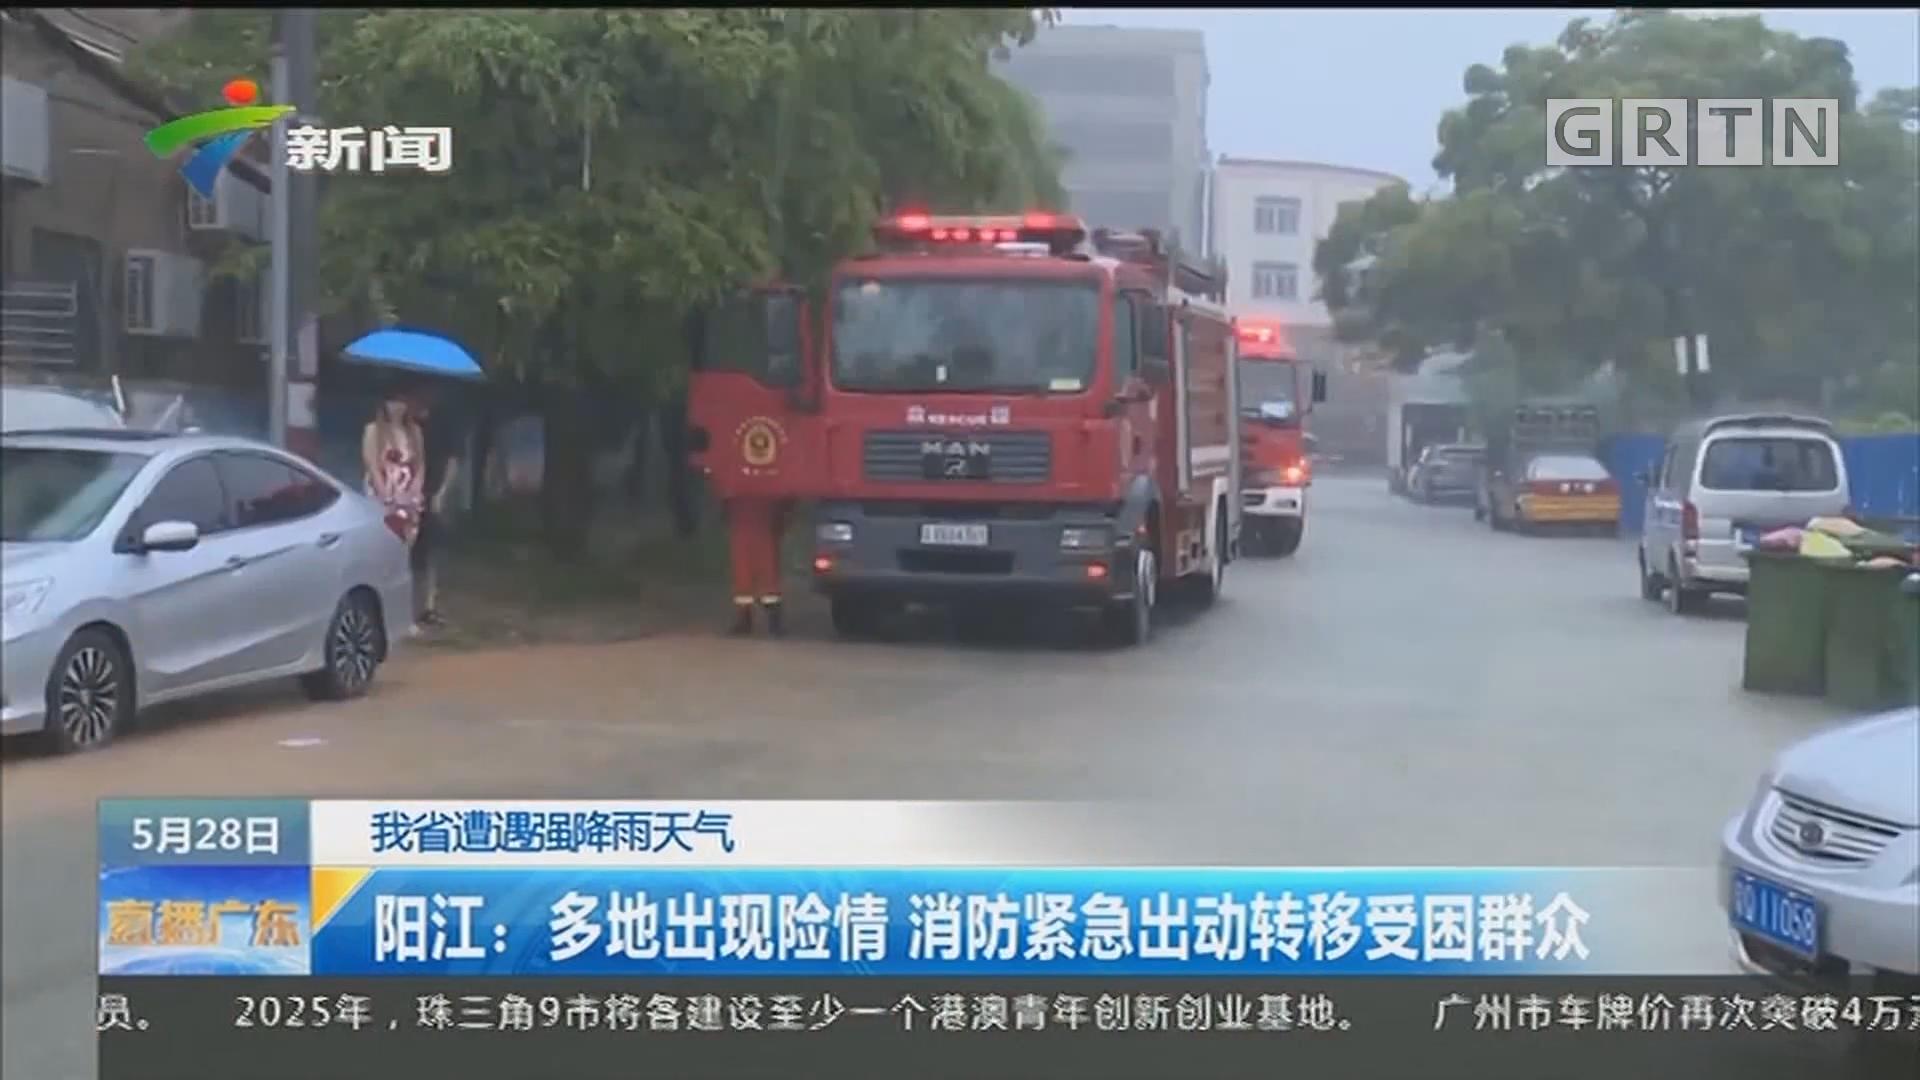 我省遭遇强降雨天气 阳江:多地出现险情 消防紧急出动转移受困群众